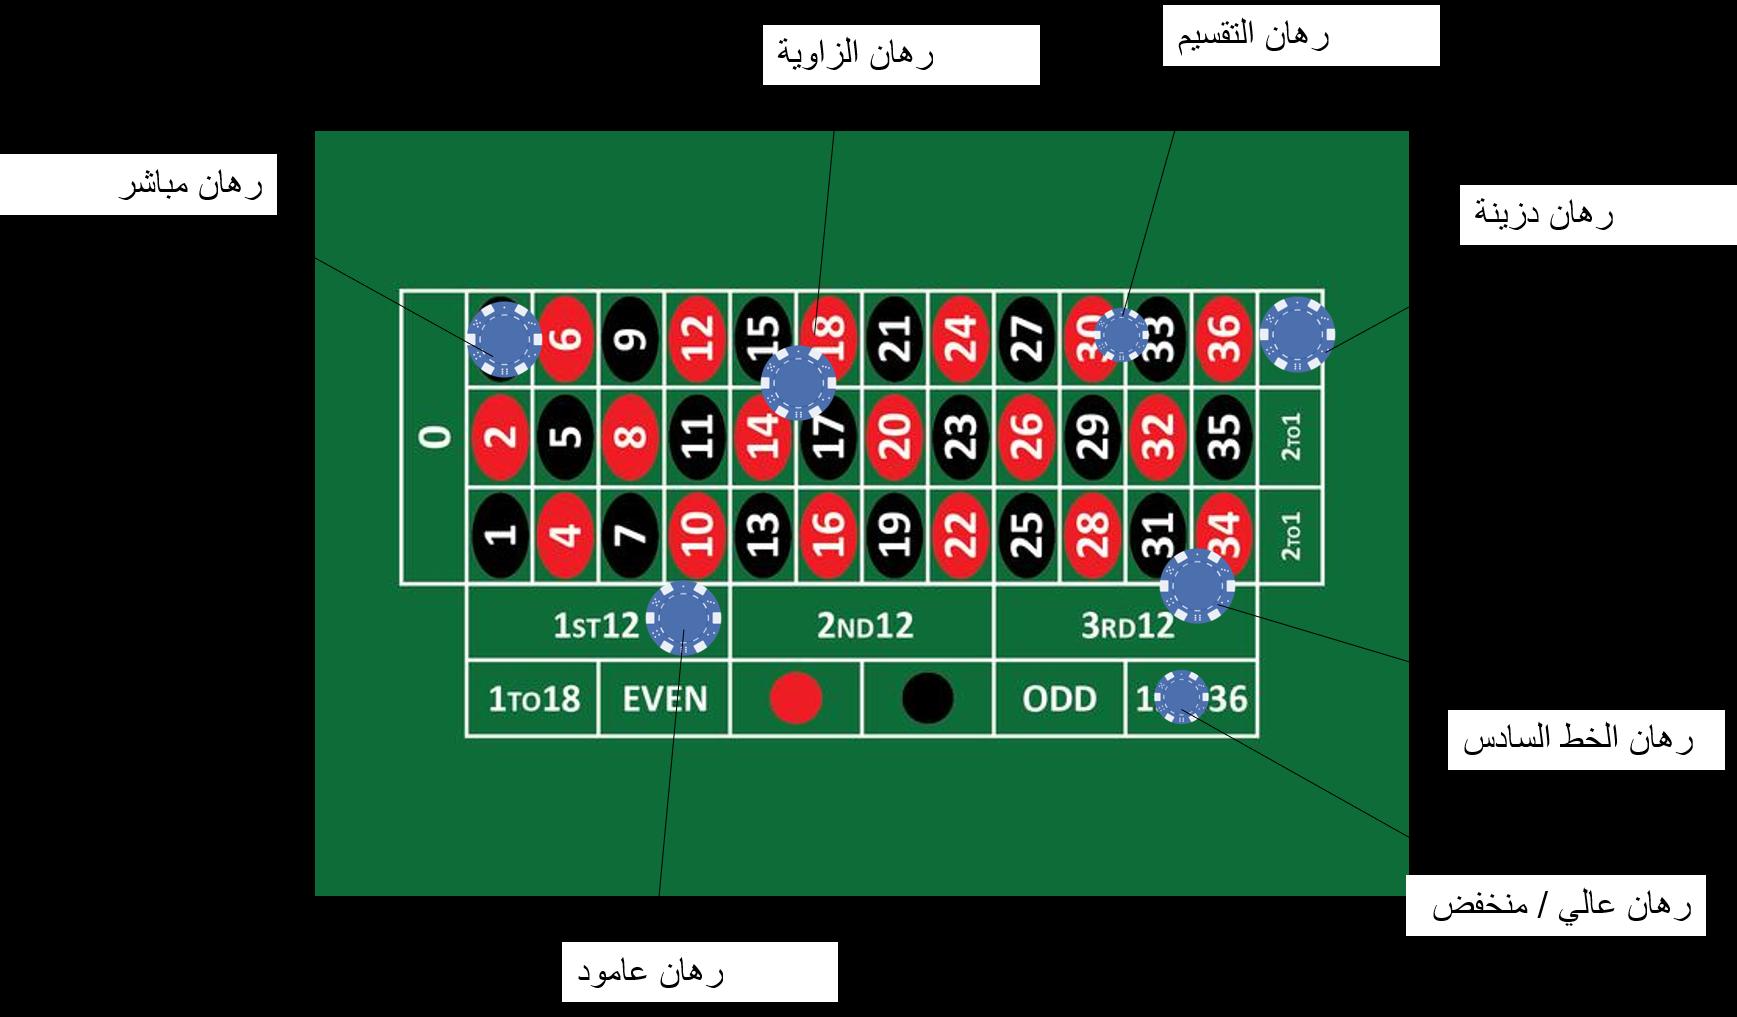 الكازينوهات بيتكوين - 79680